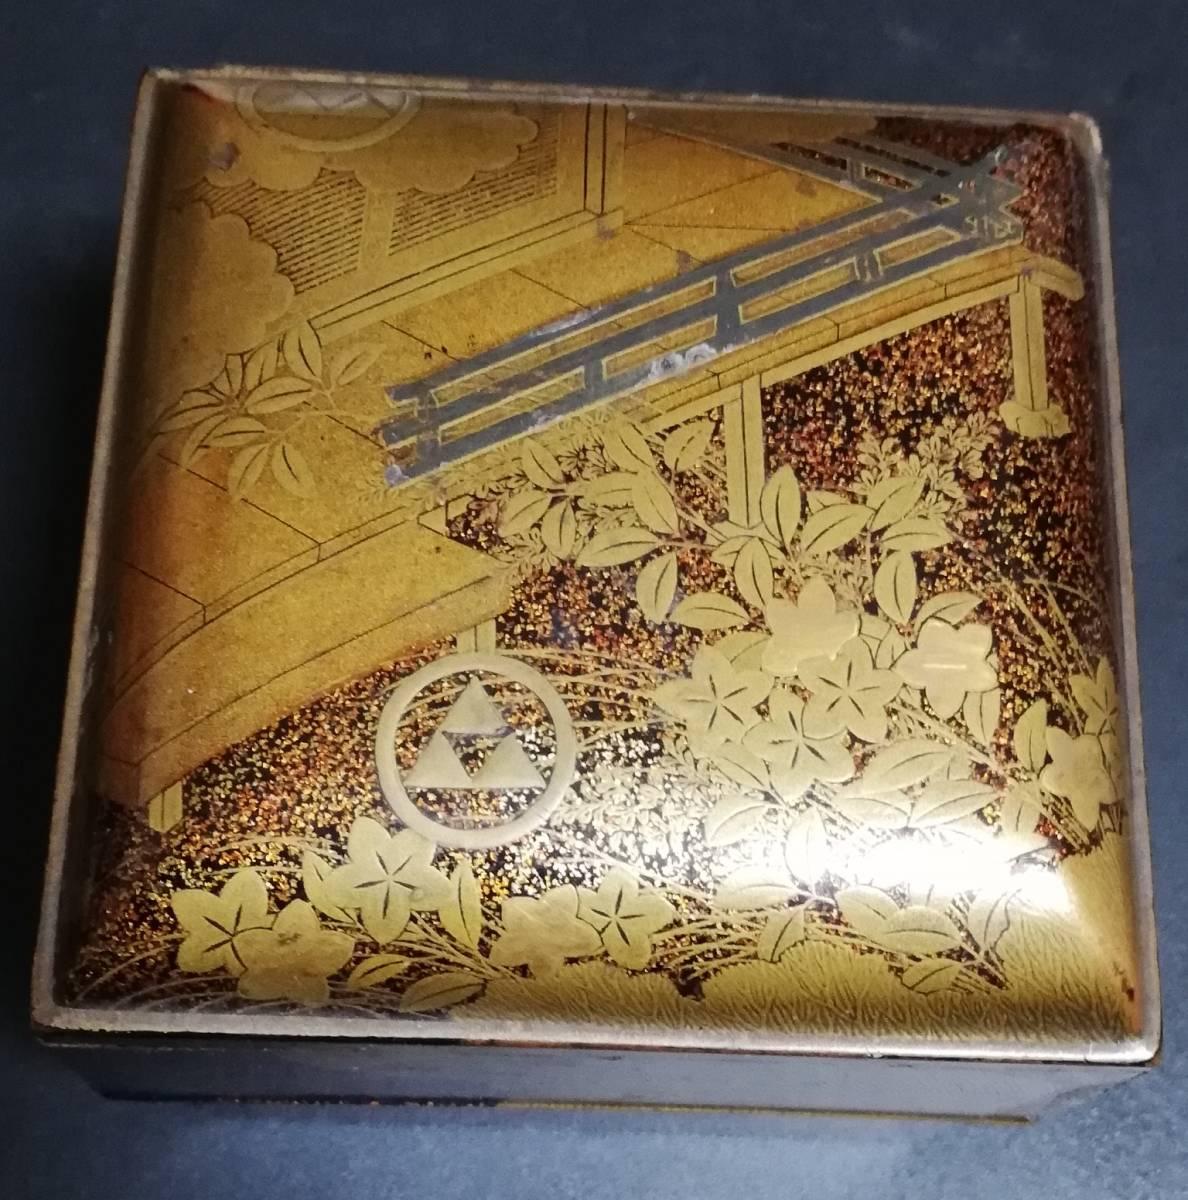 時代漆器 本金蒔絵小箱 鎌倉北条氏 丸に三つ鱗紋 家紋 煎茶道具 古美術品 香道具_画像3